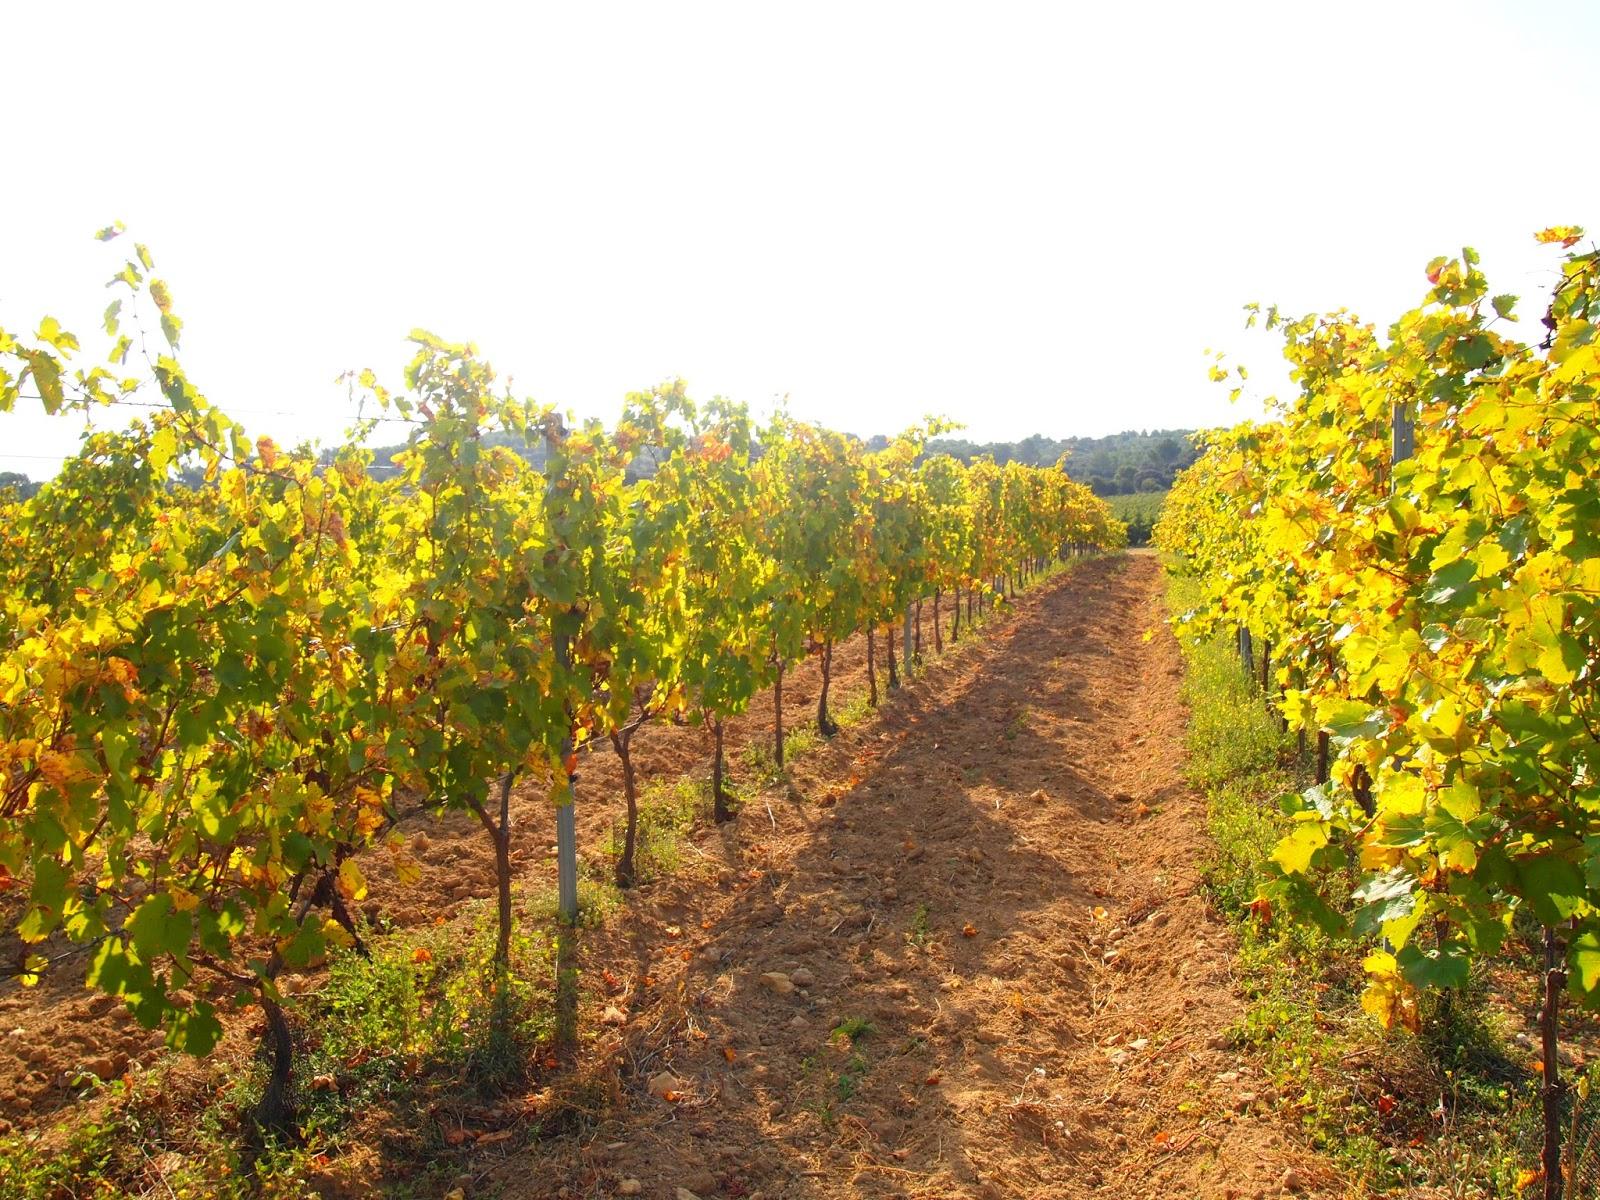 収穫はすでに終わっておりまったく葡萄はありませんでした